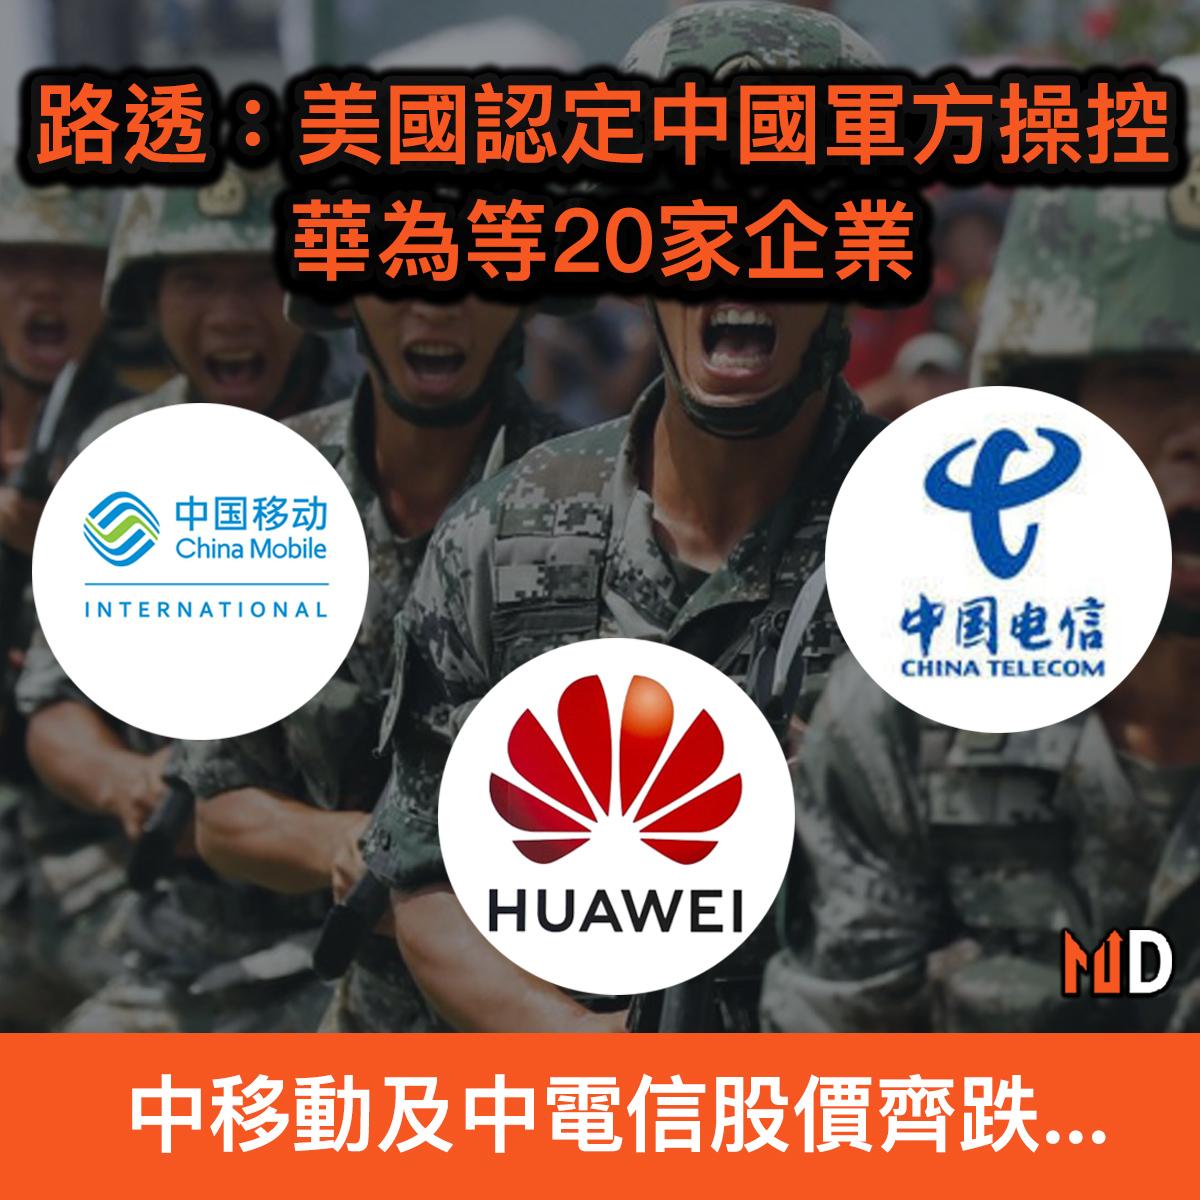 【市場熱話】路透:美國認定中國軍方操控華為等20家企業,或對其實施經濟制裁